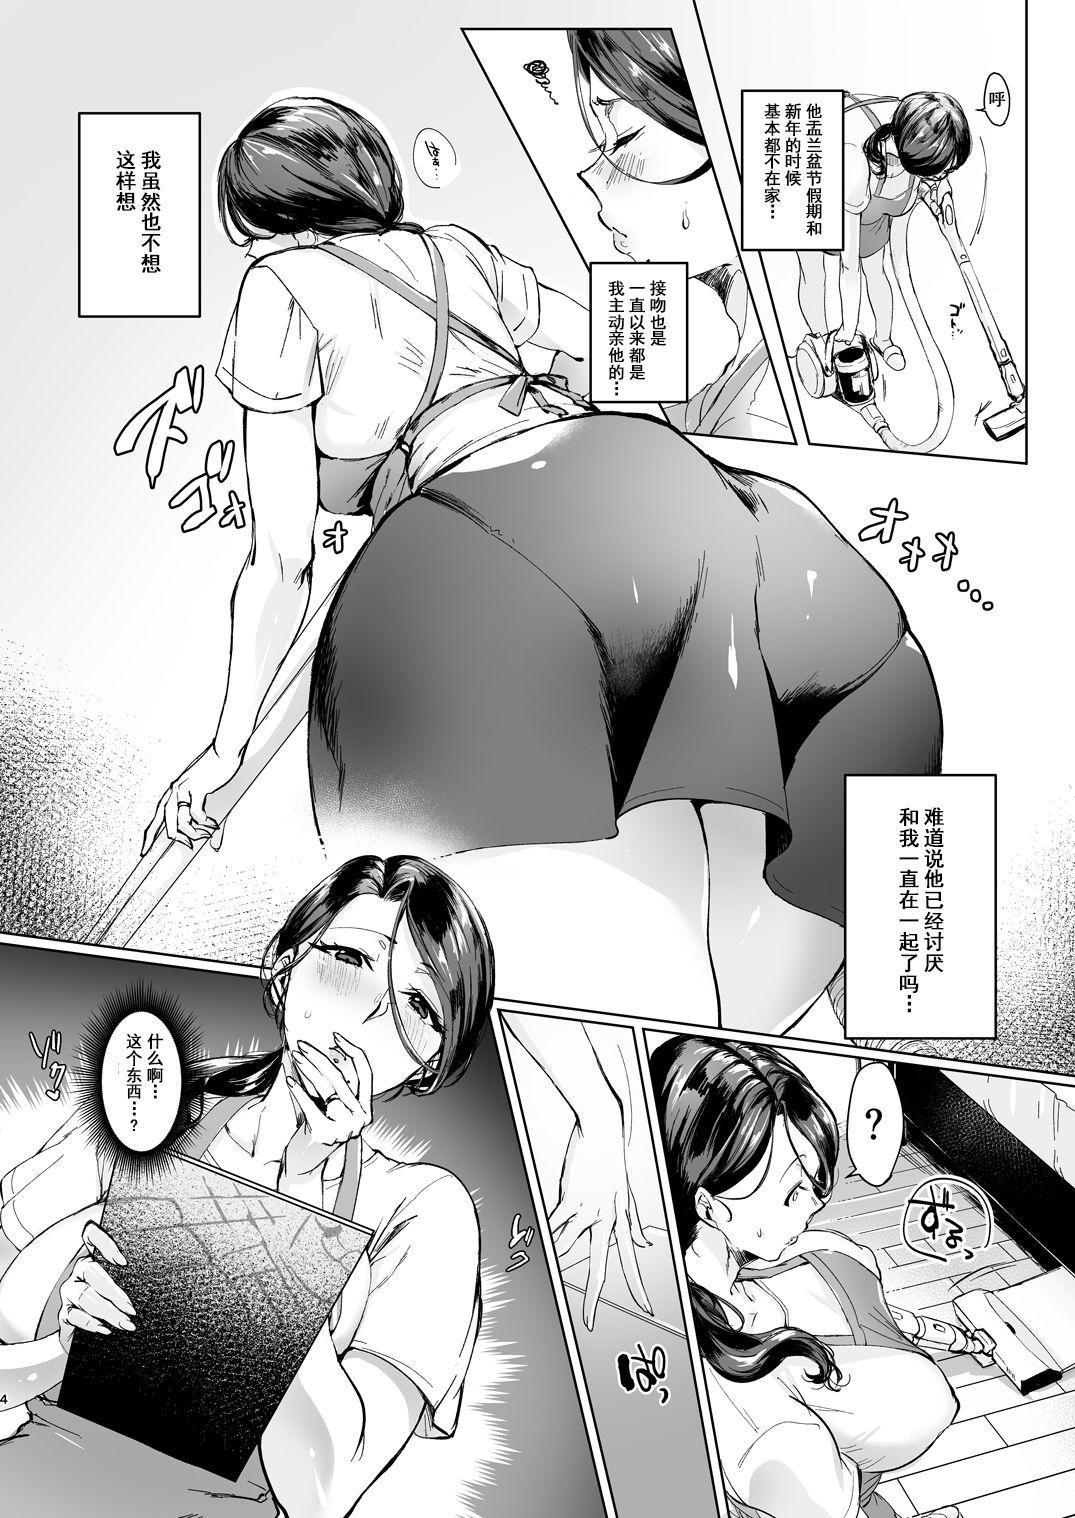 Tsuma ni Damatte Sokubaikai ni Ikun ja Nakatta 1 3